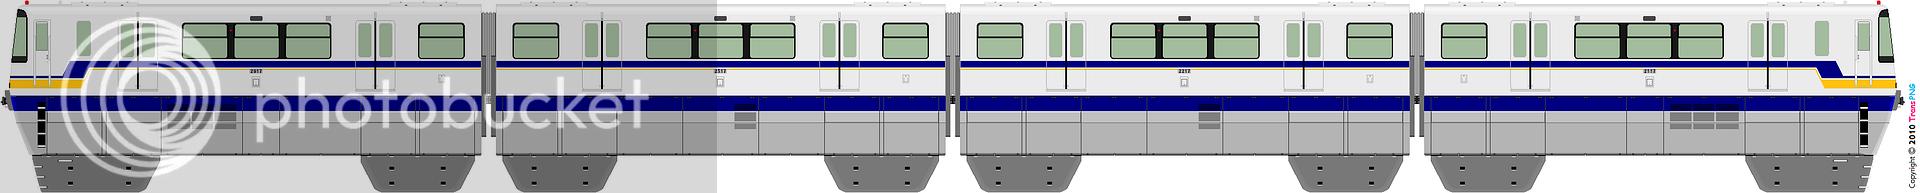 [5138] 大阪高速鐵道 2138